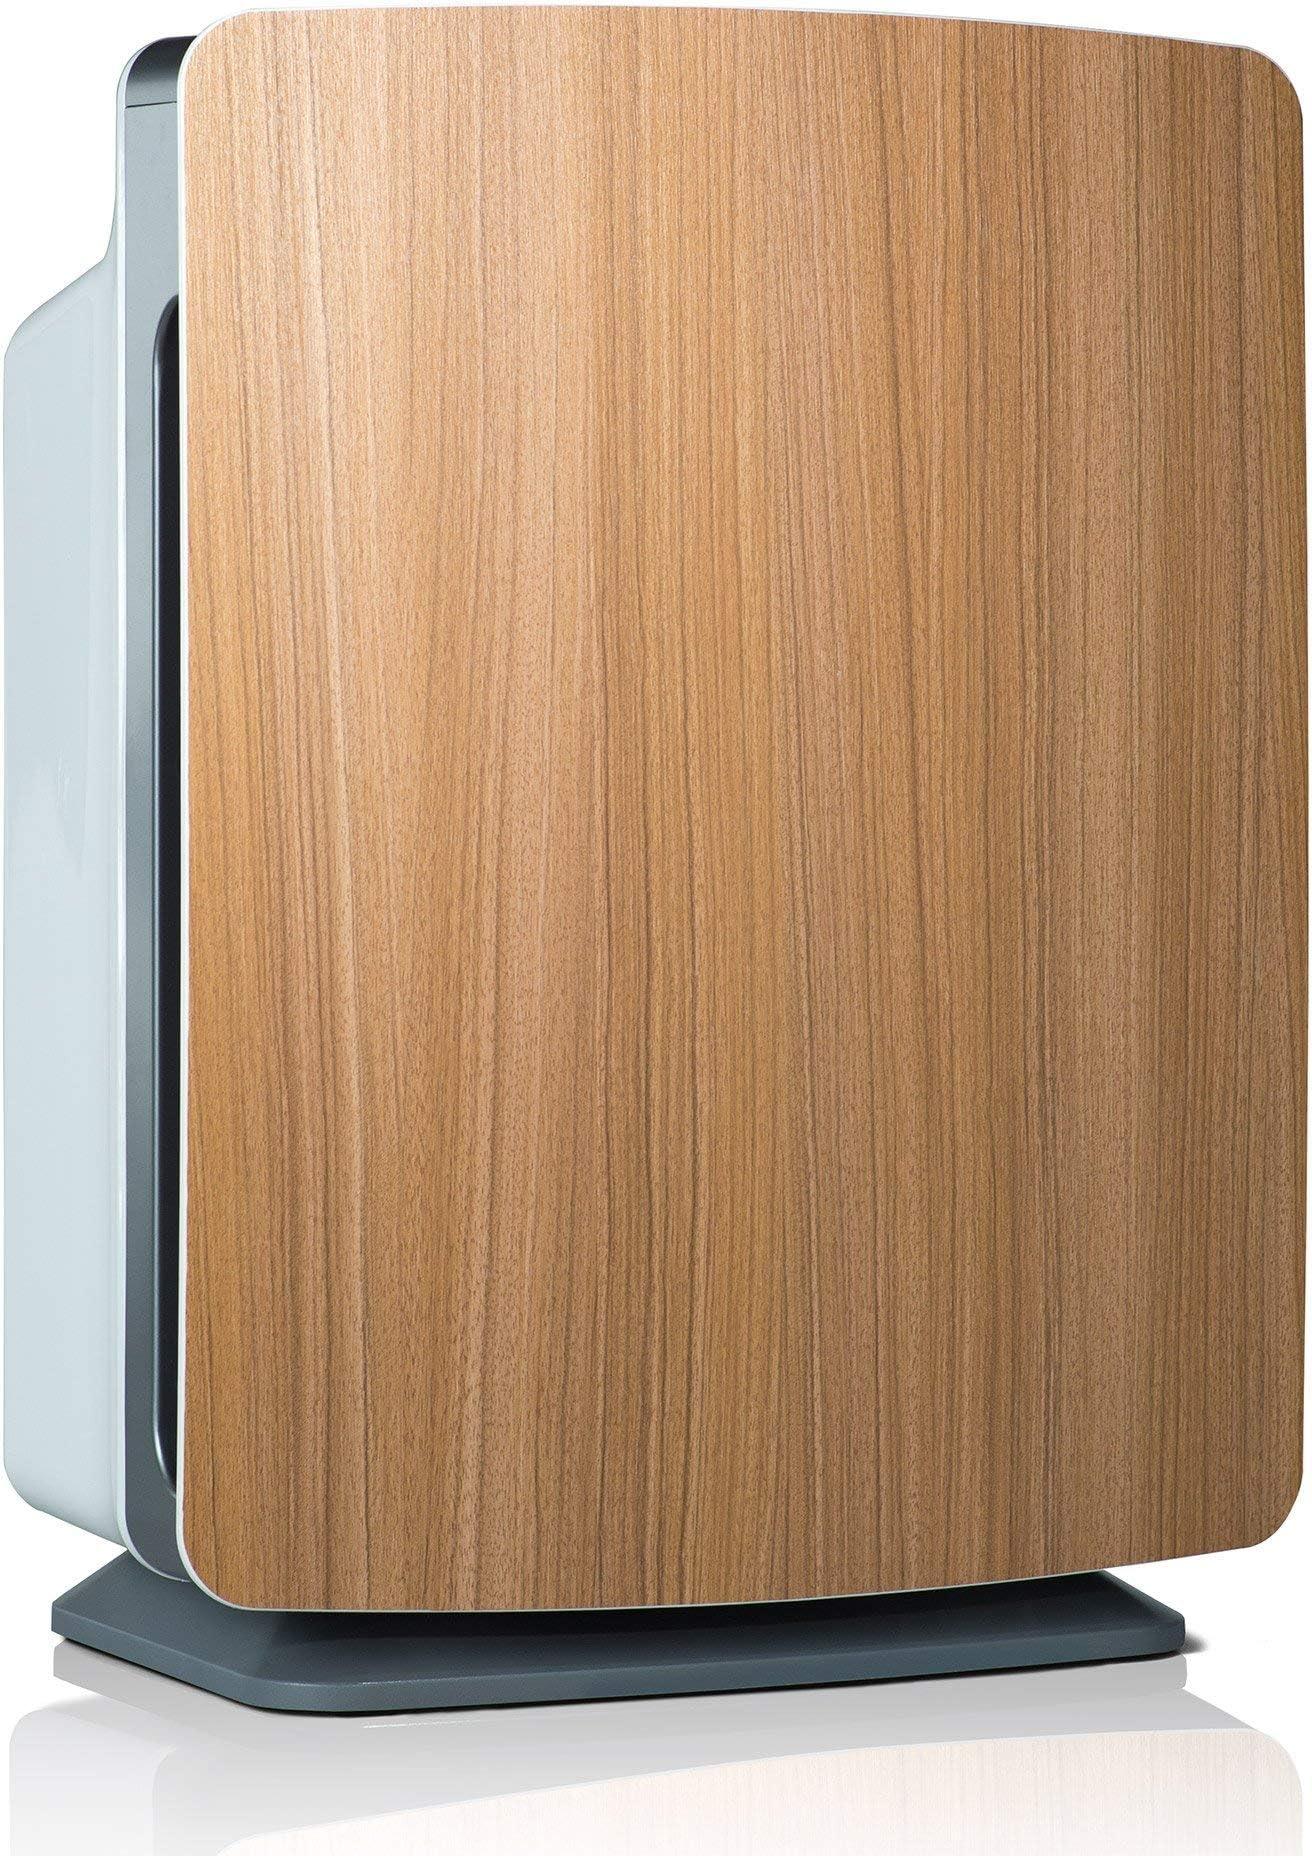 Alen Fit50-Silver-Oak BreatheSmart FIT50, Mold/Bacteria, Oak